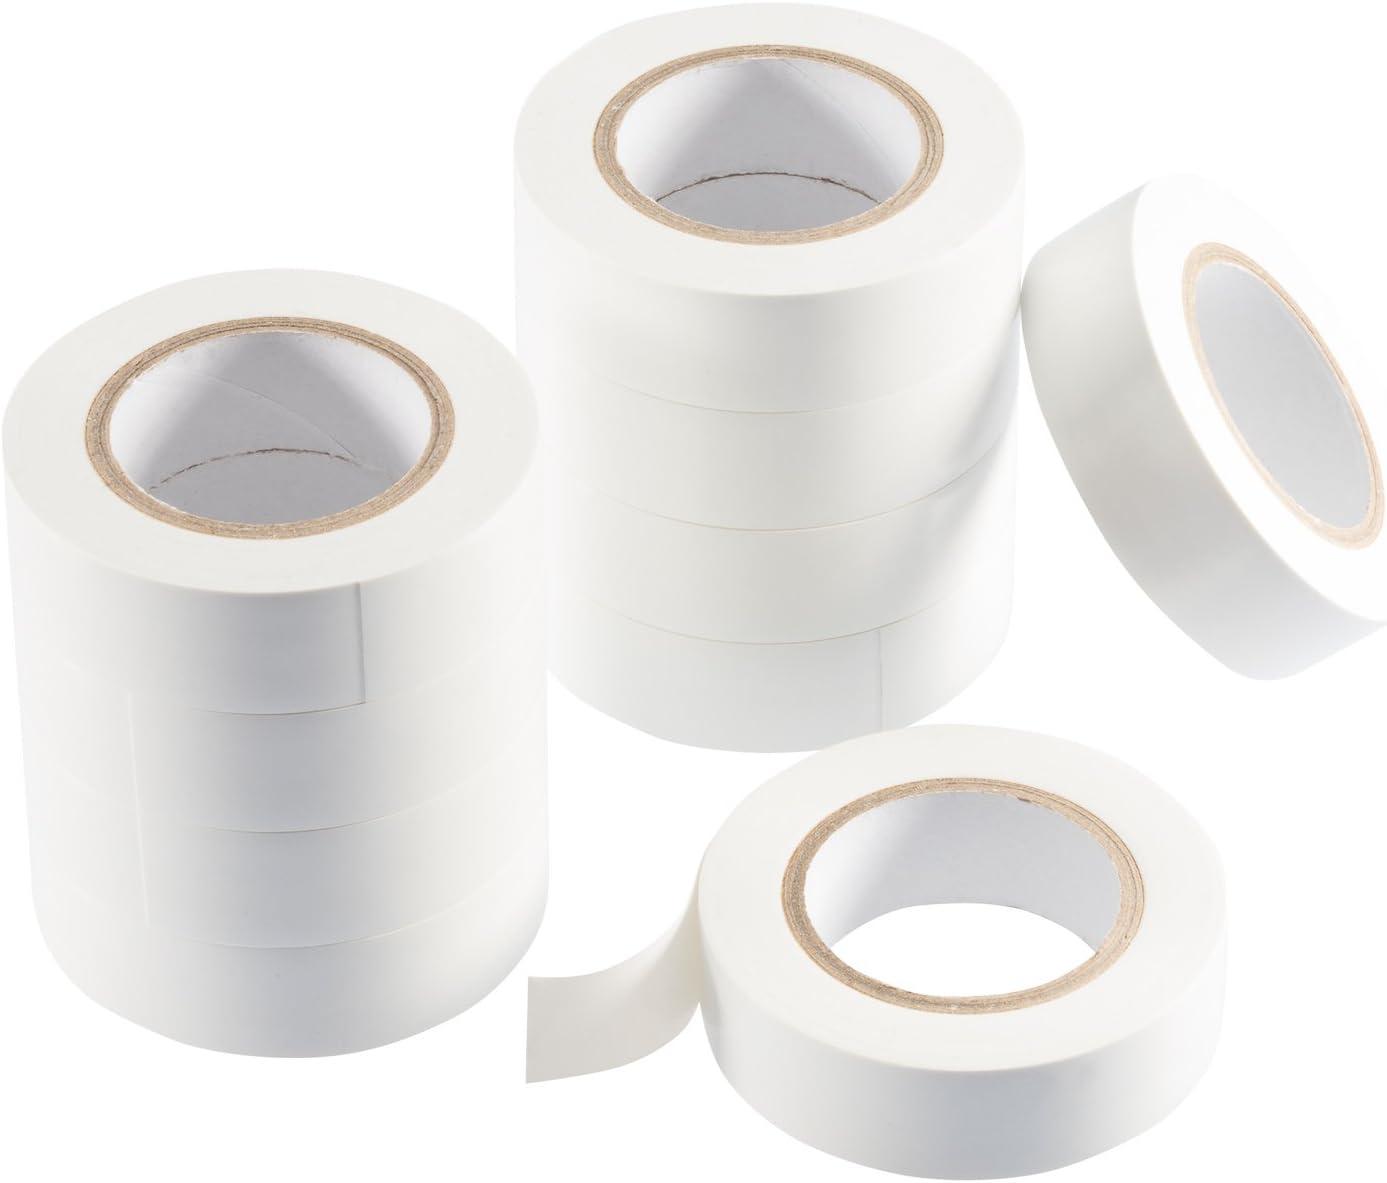 reparaci/ón de conductores el/éctricos cinta de sellado de PVC - cinta adhesiva blanco Poppstar 2x 10m Cinta aislante universal para aislamiento 18mm ancho